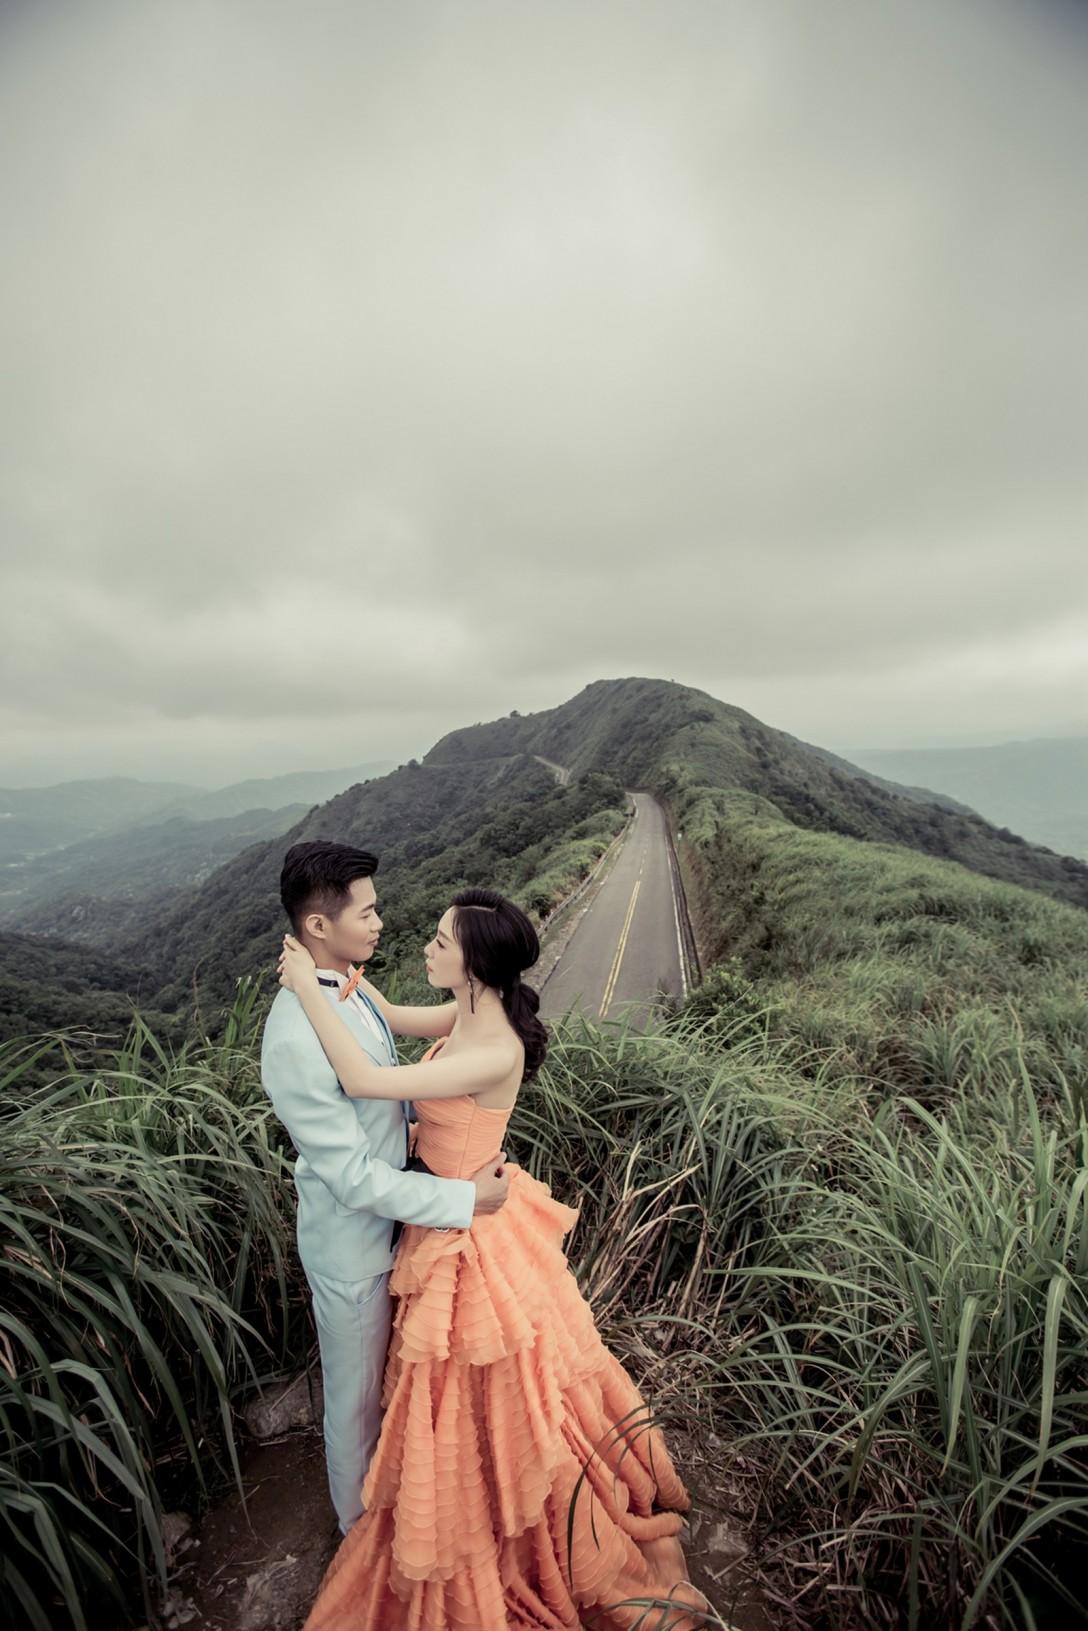 自助婚紗,自助婚紗推薦,自助婚紗風格,婚紗照,733